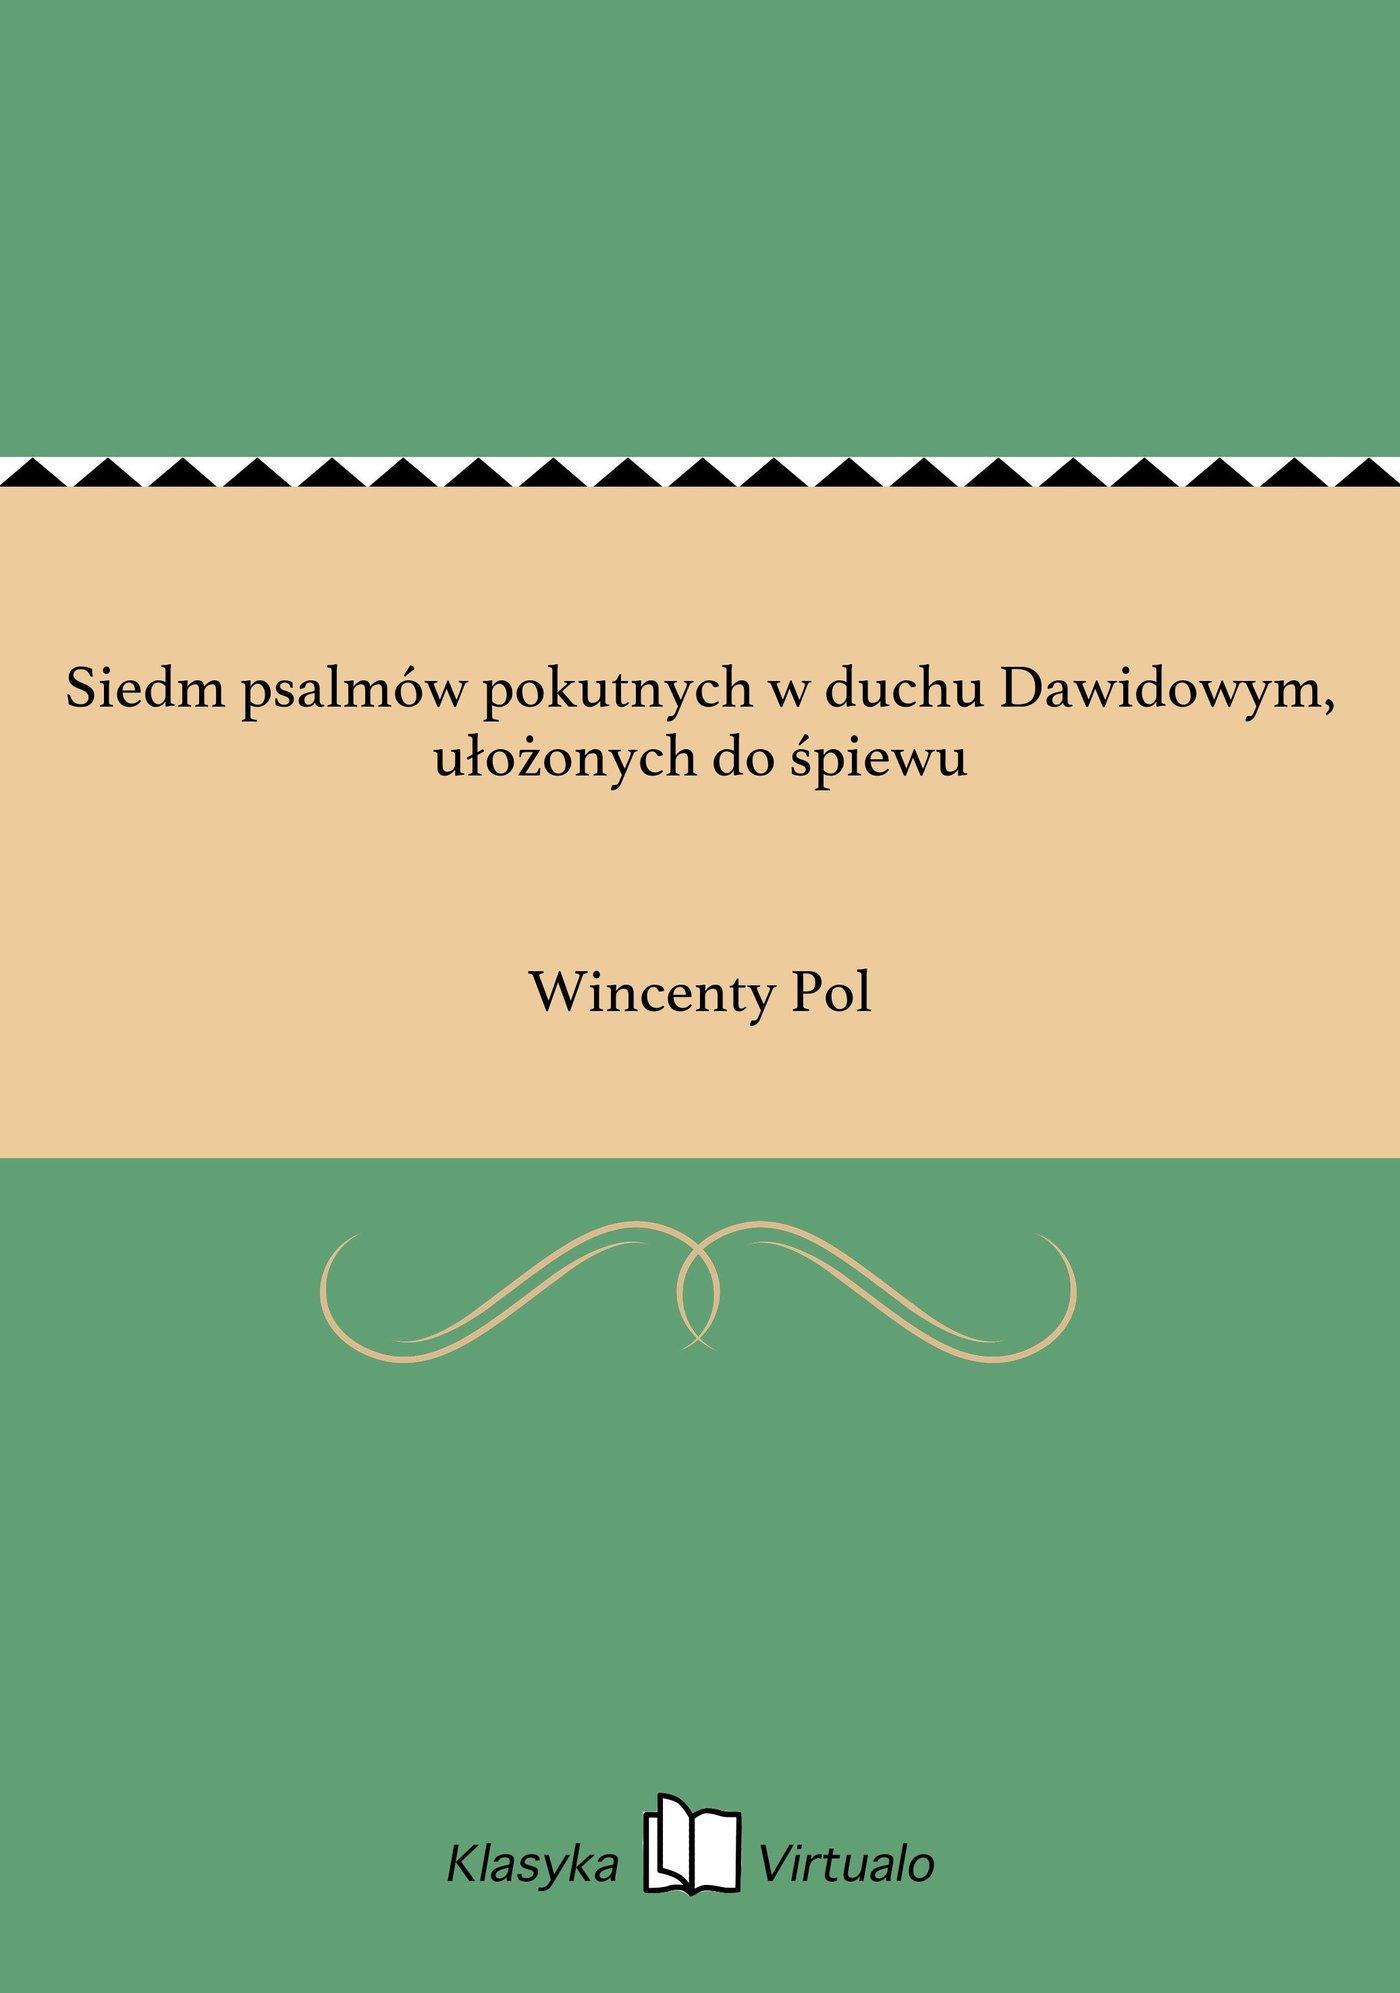 Siedm psalmów pokutnych w duchu Dawidowym, ułożonych do śpiewu - Ebook (Książka EPUB) do pobrania w formacie EPUB